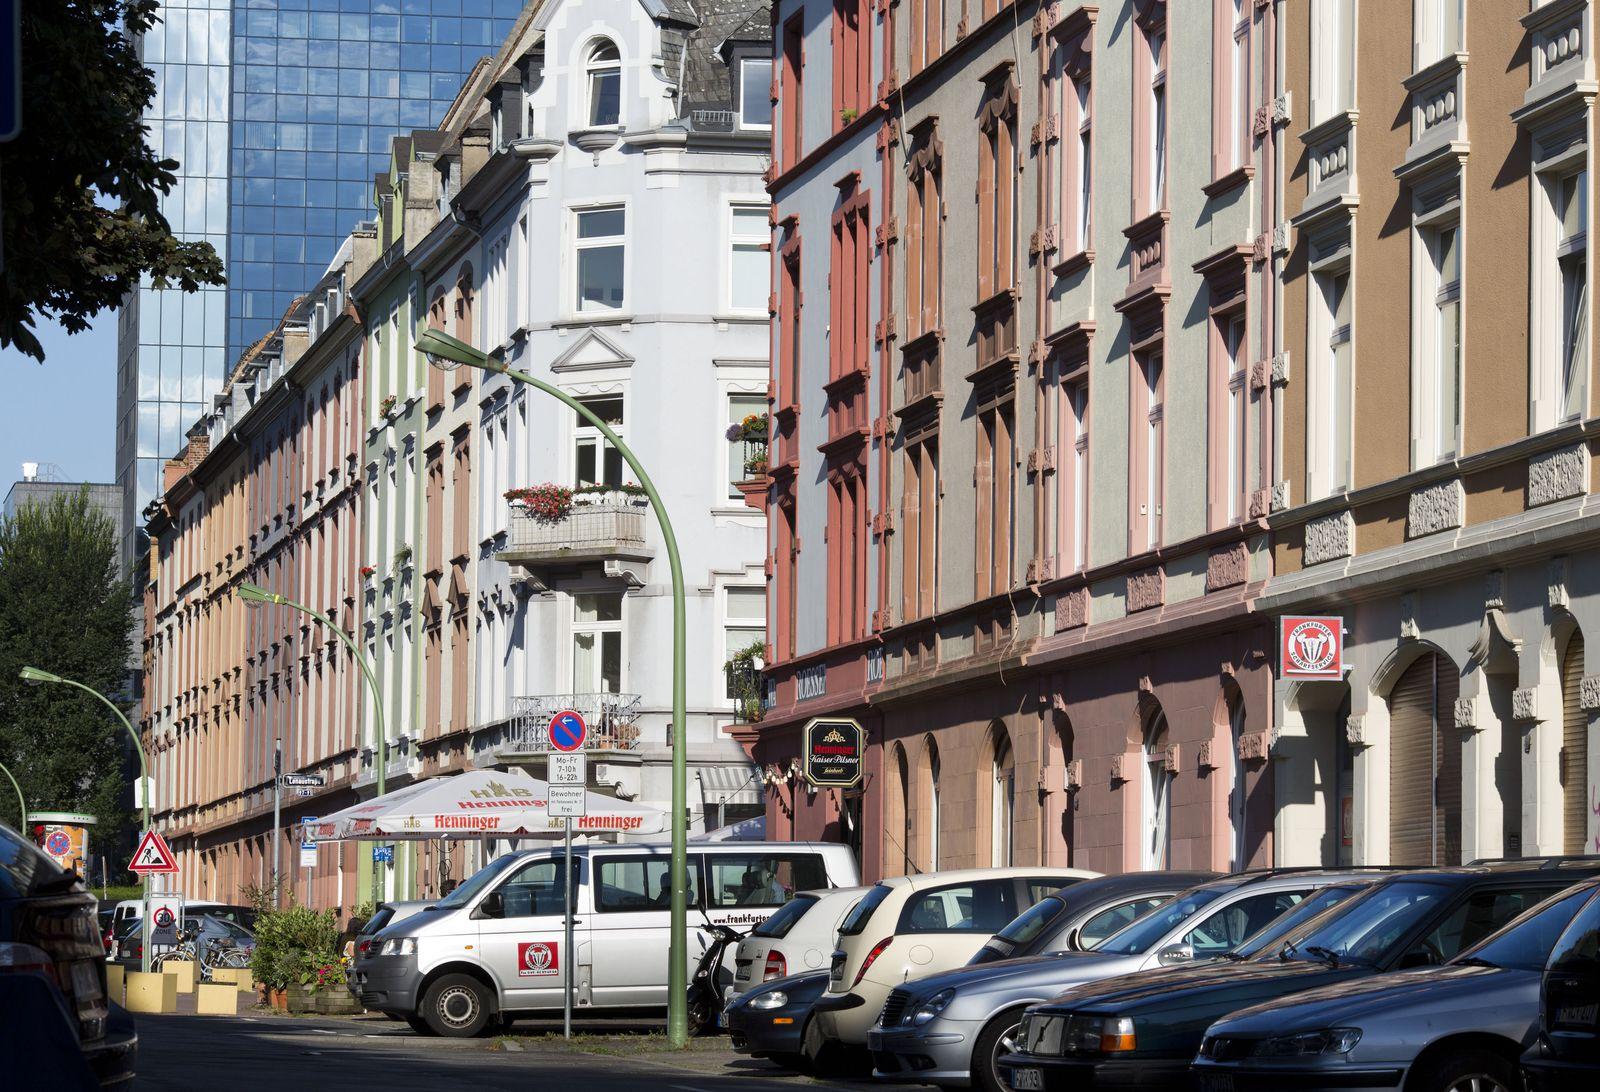 Mietwohnungen in Frankfurt / Wohnungen / Wohnungsmarkt / Immobilien